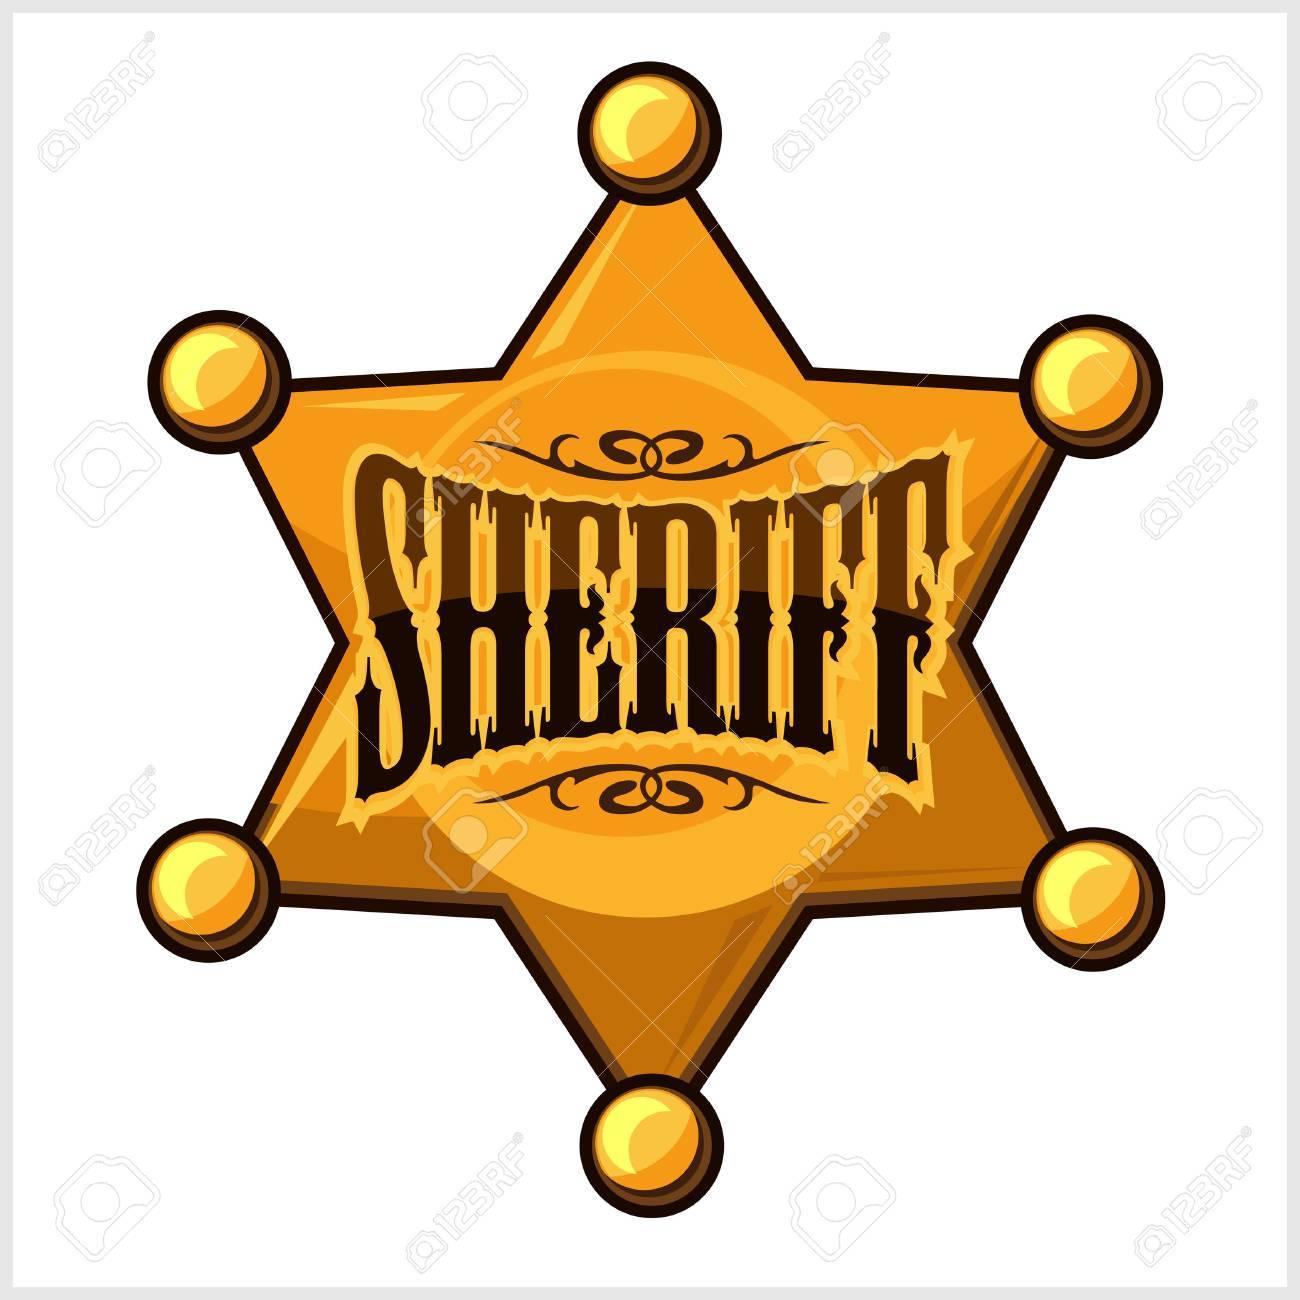 golden sheriff star badge vector illustration isolated on white rh 123rf com sheriff's badge vector indiana sheriff badge vector